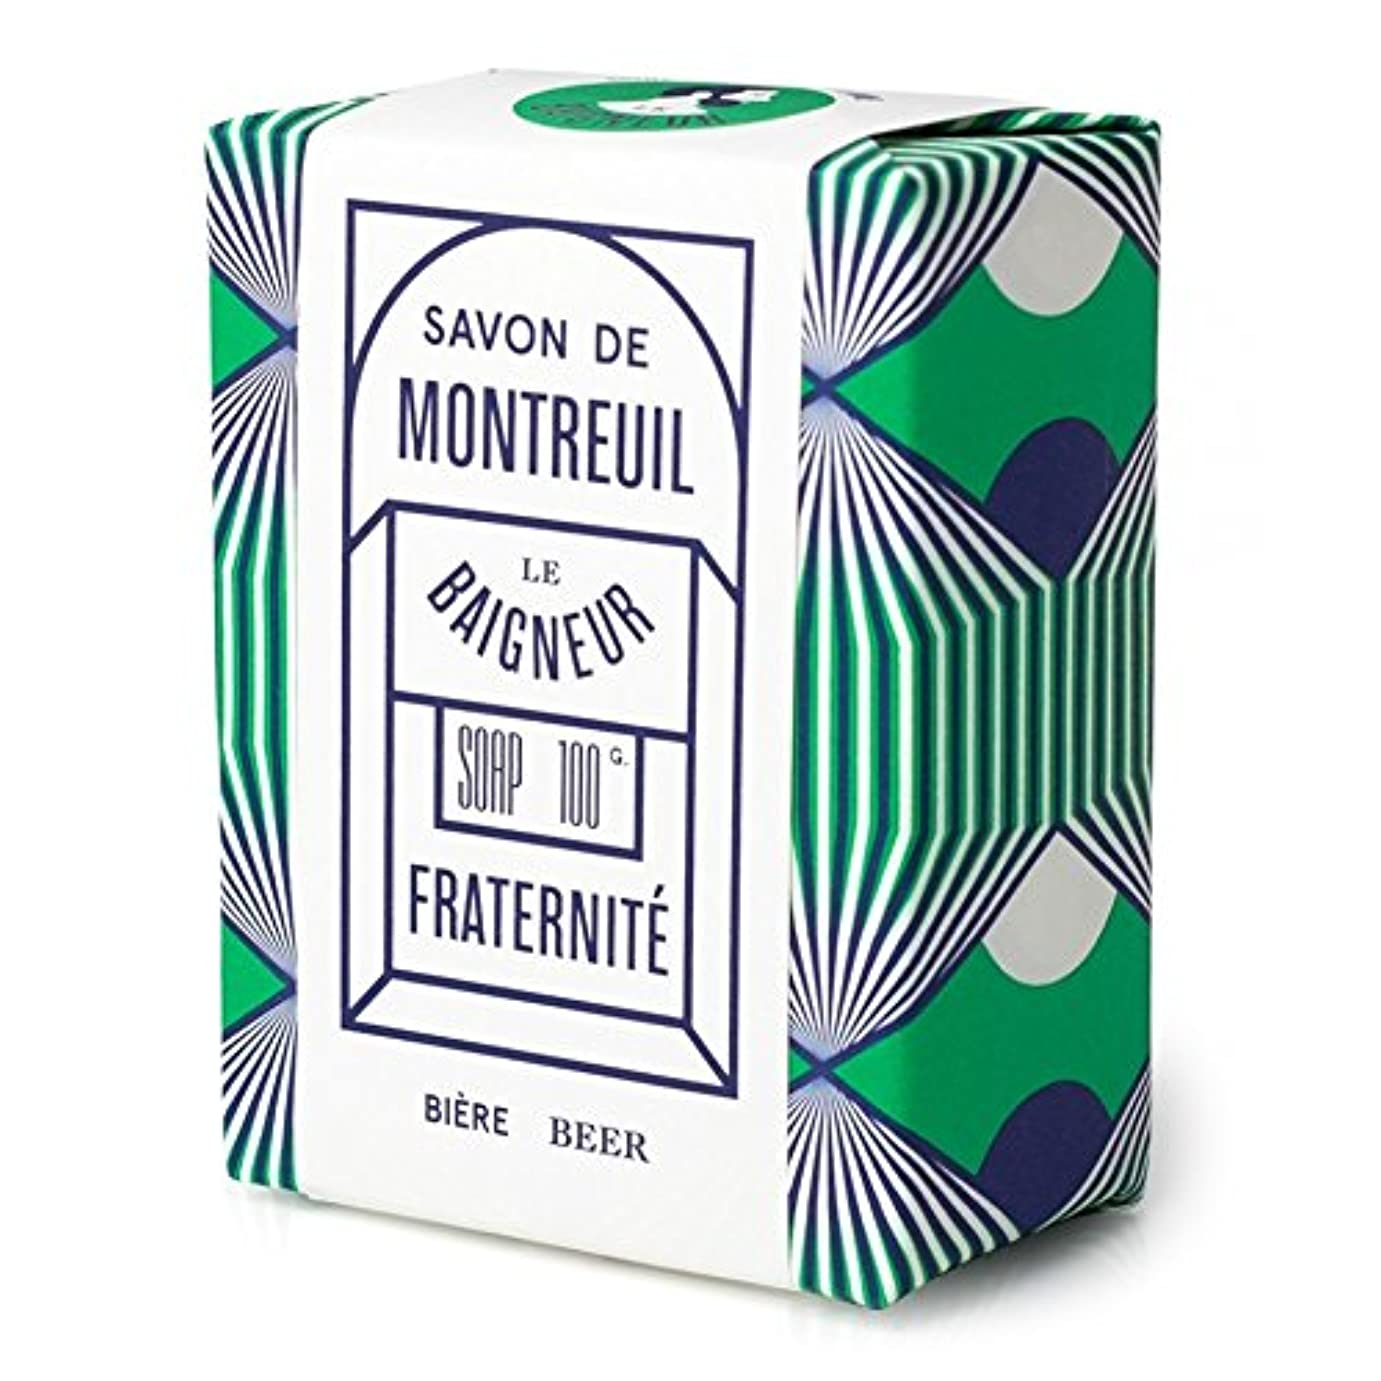 伴うプロフェッショナルバリケードル 石鹸100グラム x2 - Le Baigneur Fraternite Soap 100g (Pack of 2) [並行輸入品]